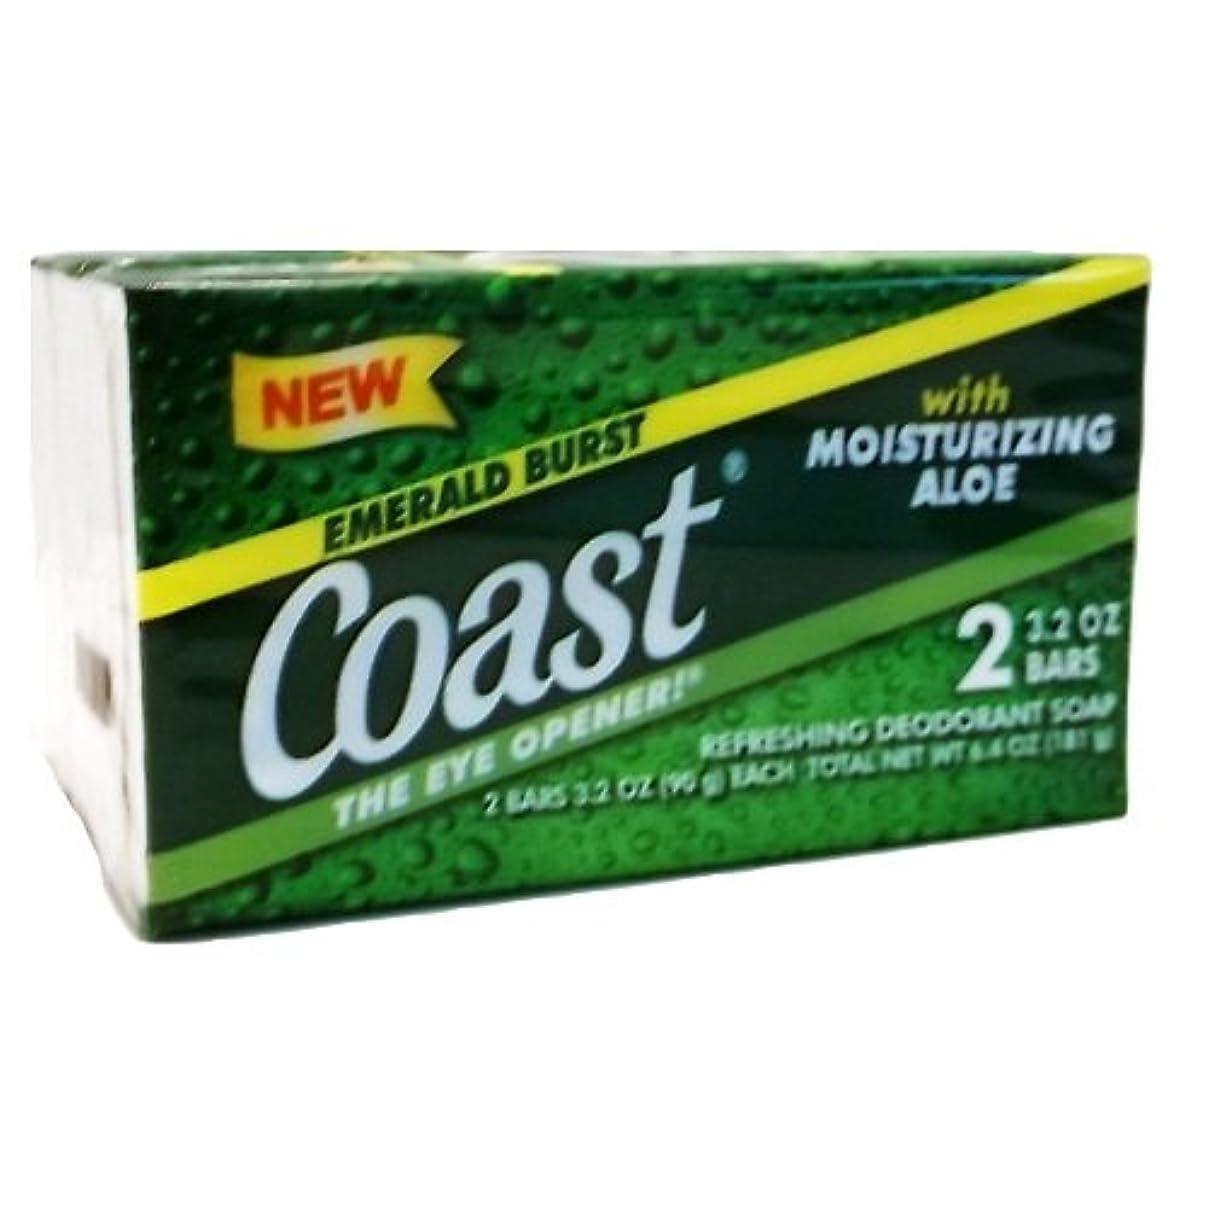 ちょうつがい所得サービスコースト(Coast) 石けんエメラルドバースト2個入り×24パック(48個)